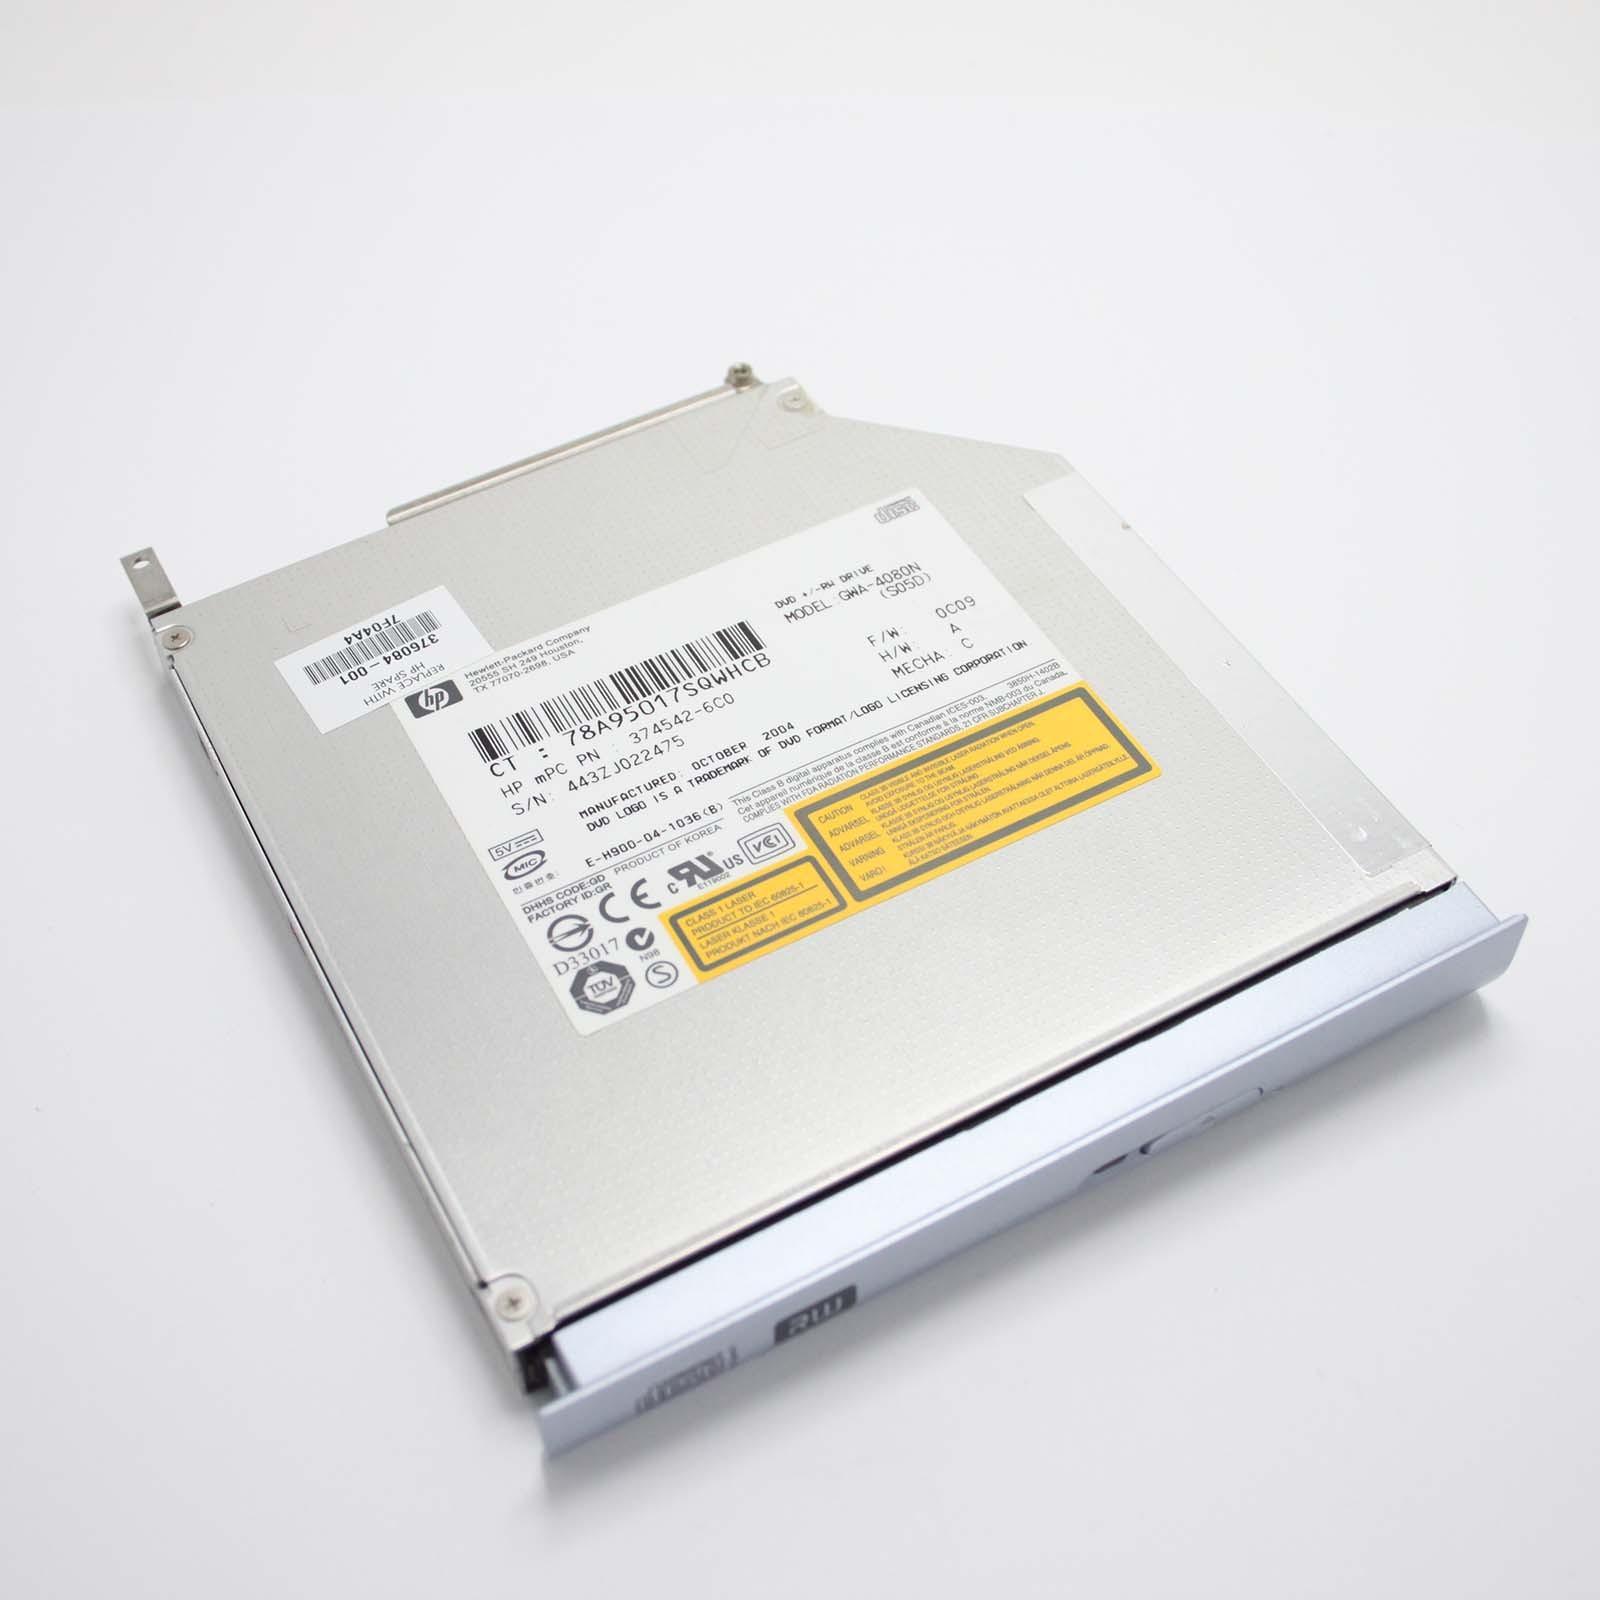 Lettore masterizzatore CD DVD HP Pavilion ZD7000 376084-001 374542-6C0 GWA-4080N